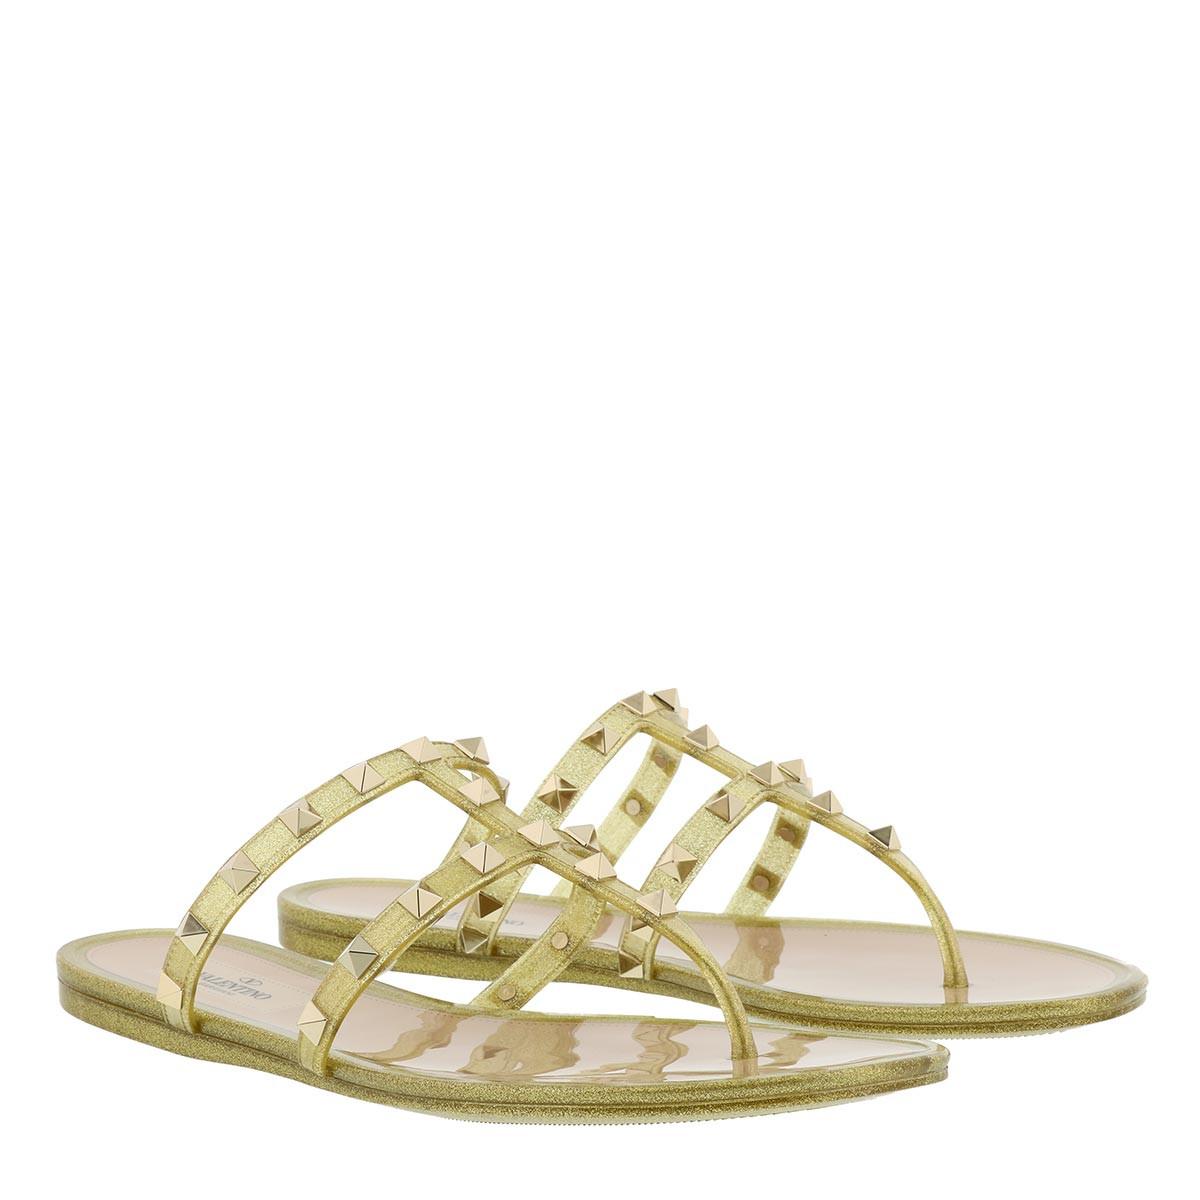 Valentino Sandalen - PVC Thong Flip Flops Gold - in gold - für Damen